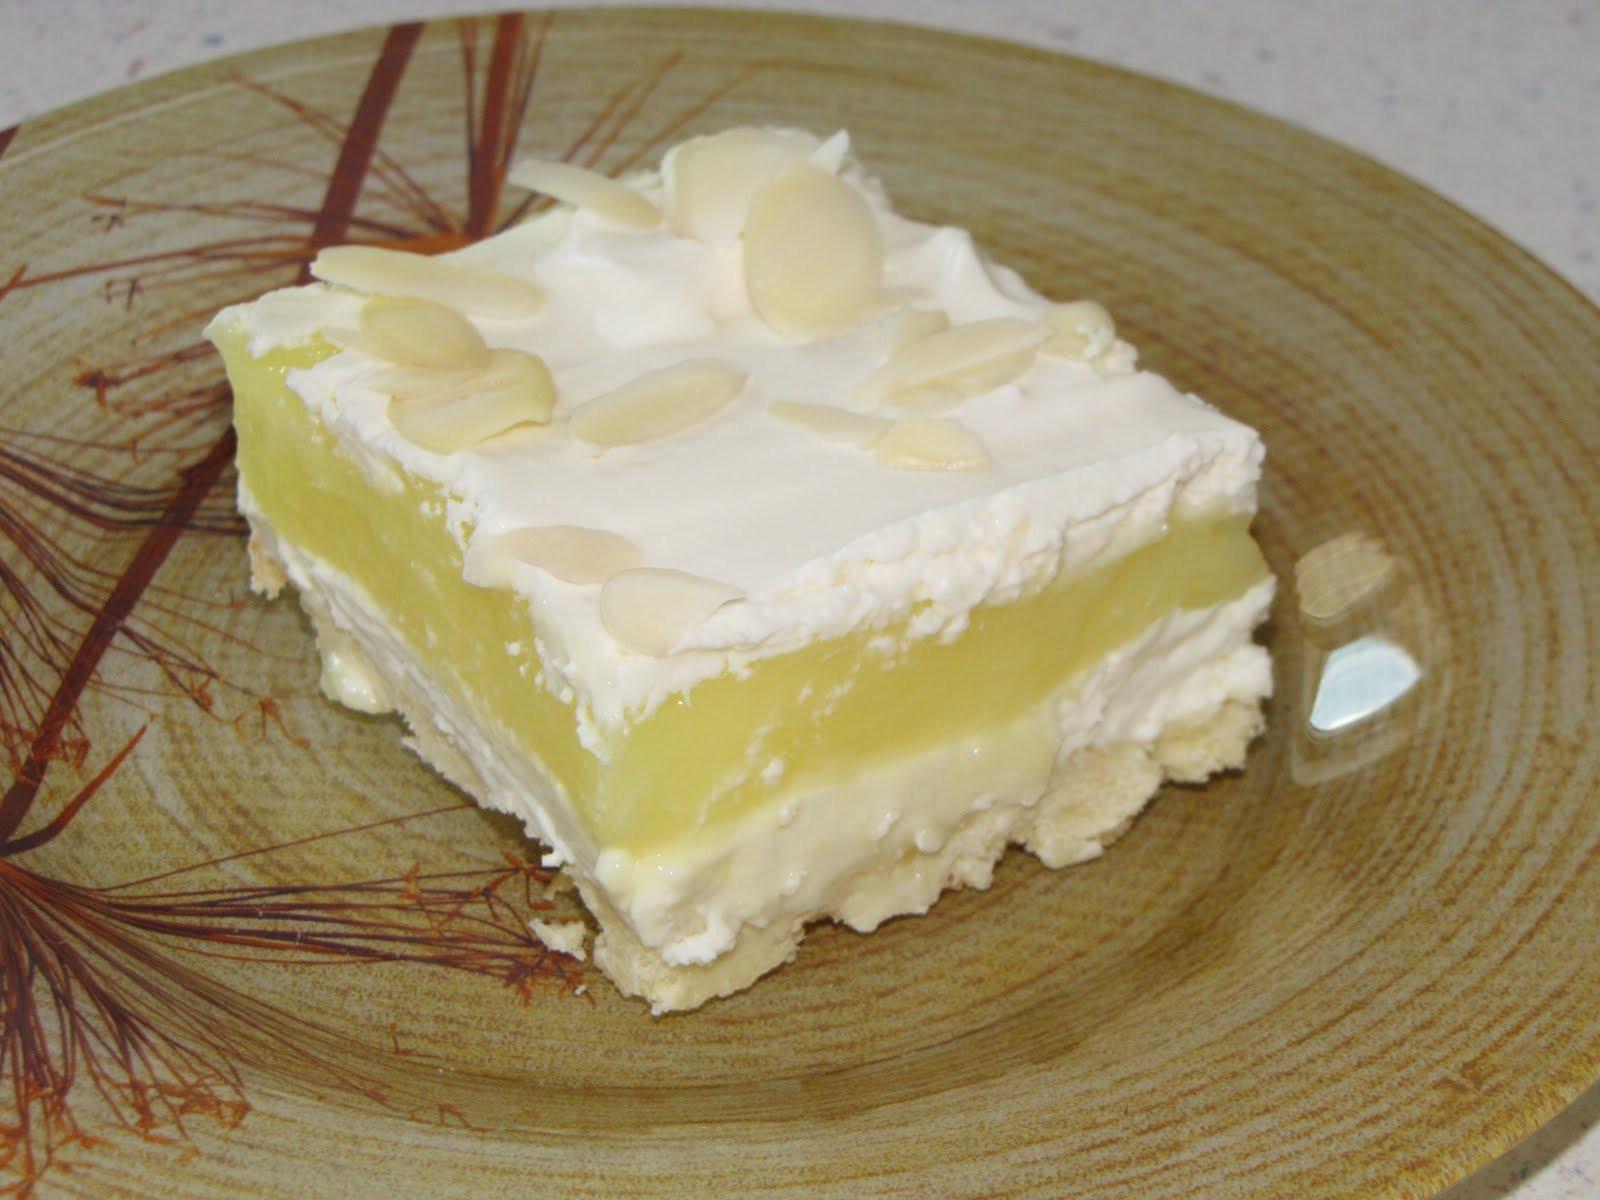 Best Lemon Desserts  28 Best Best Lemon Dessert lemon lush dessert easy